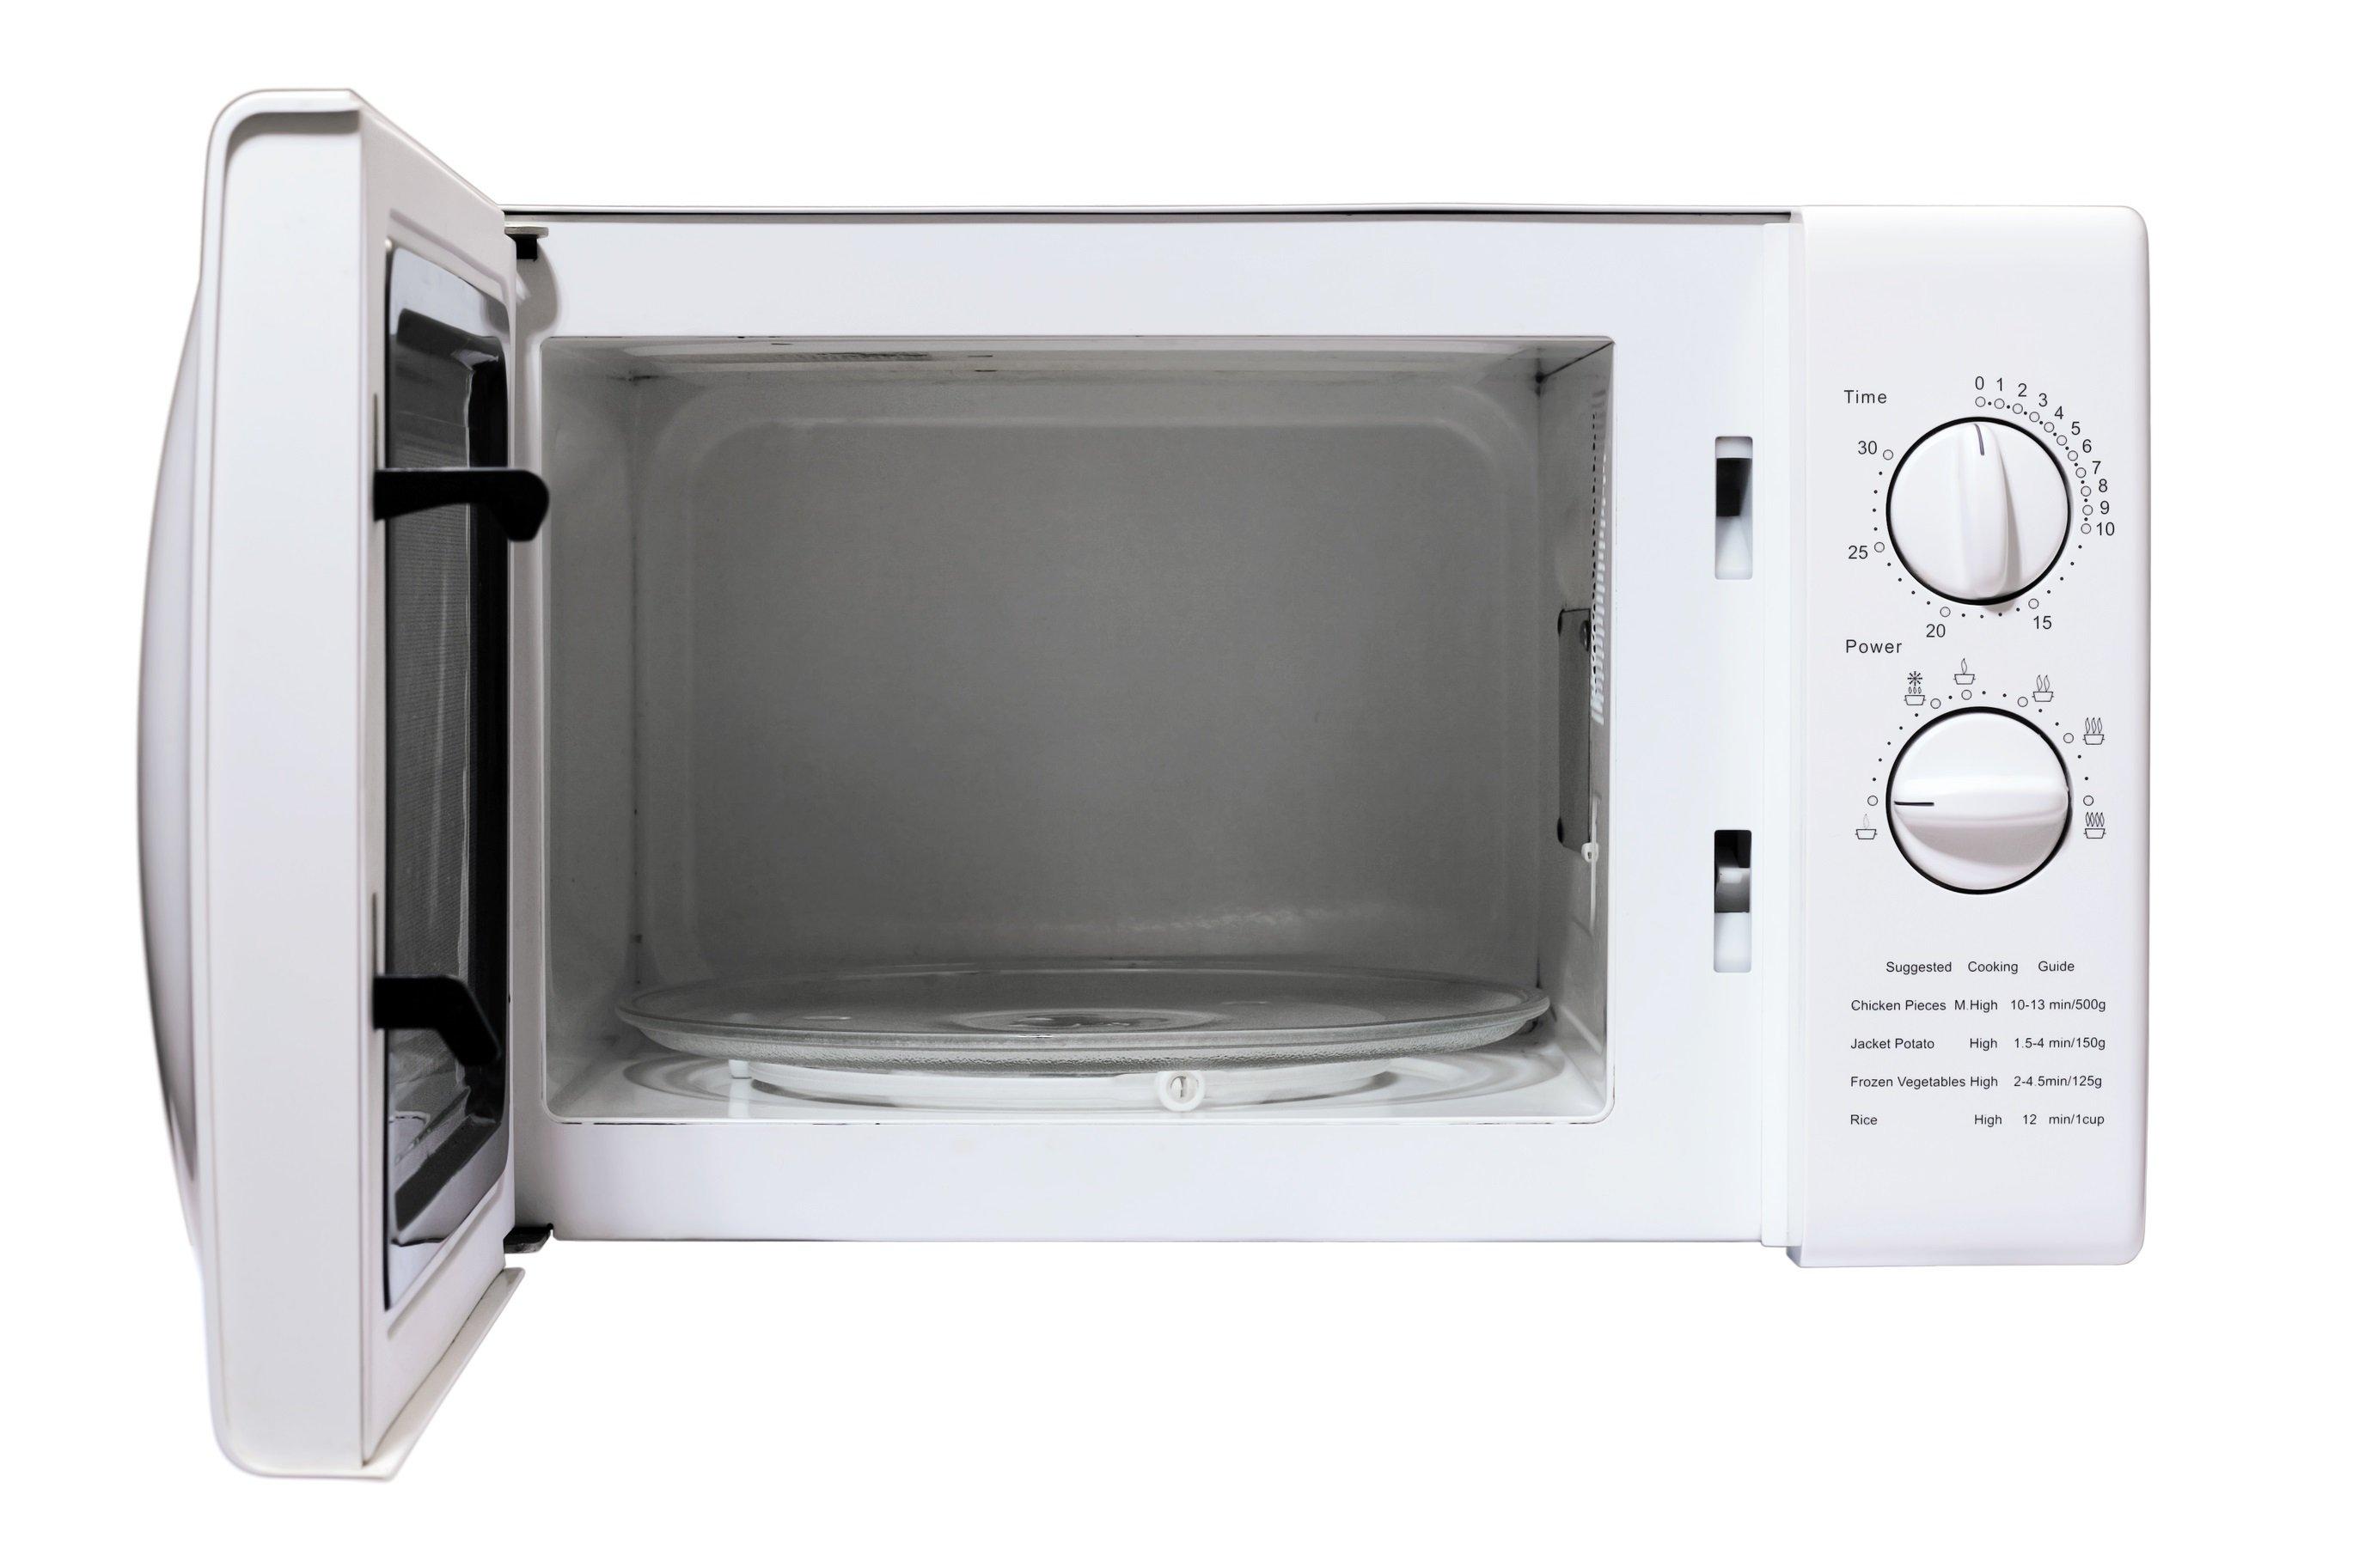 Sharp Carousel Microwave Repair Bestmicrowave